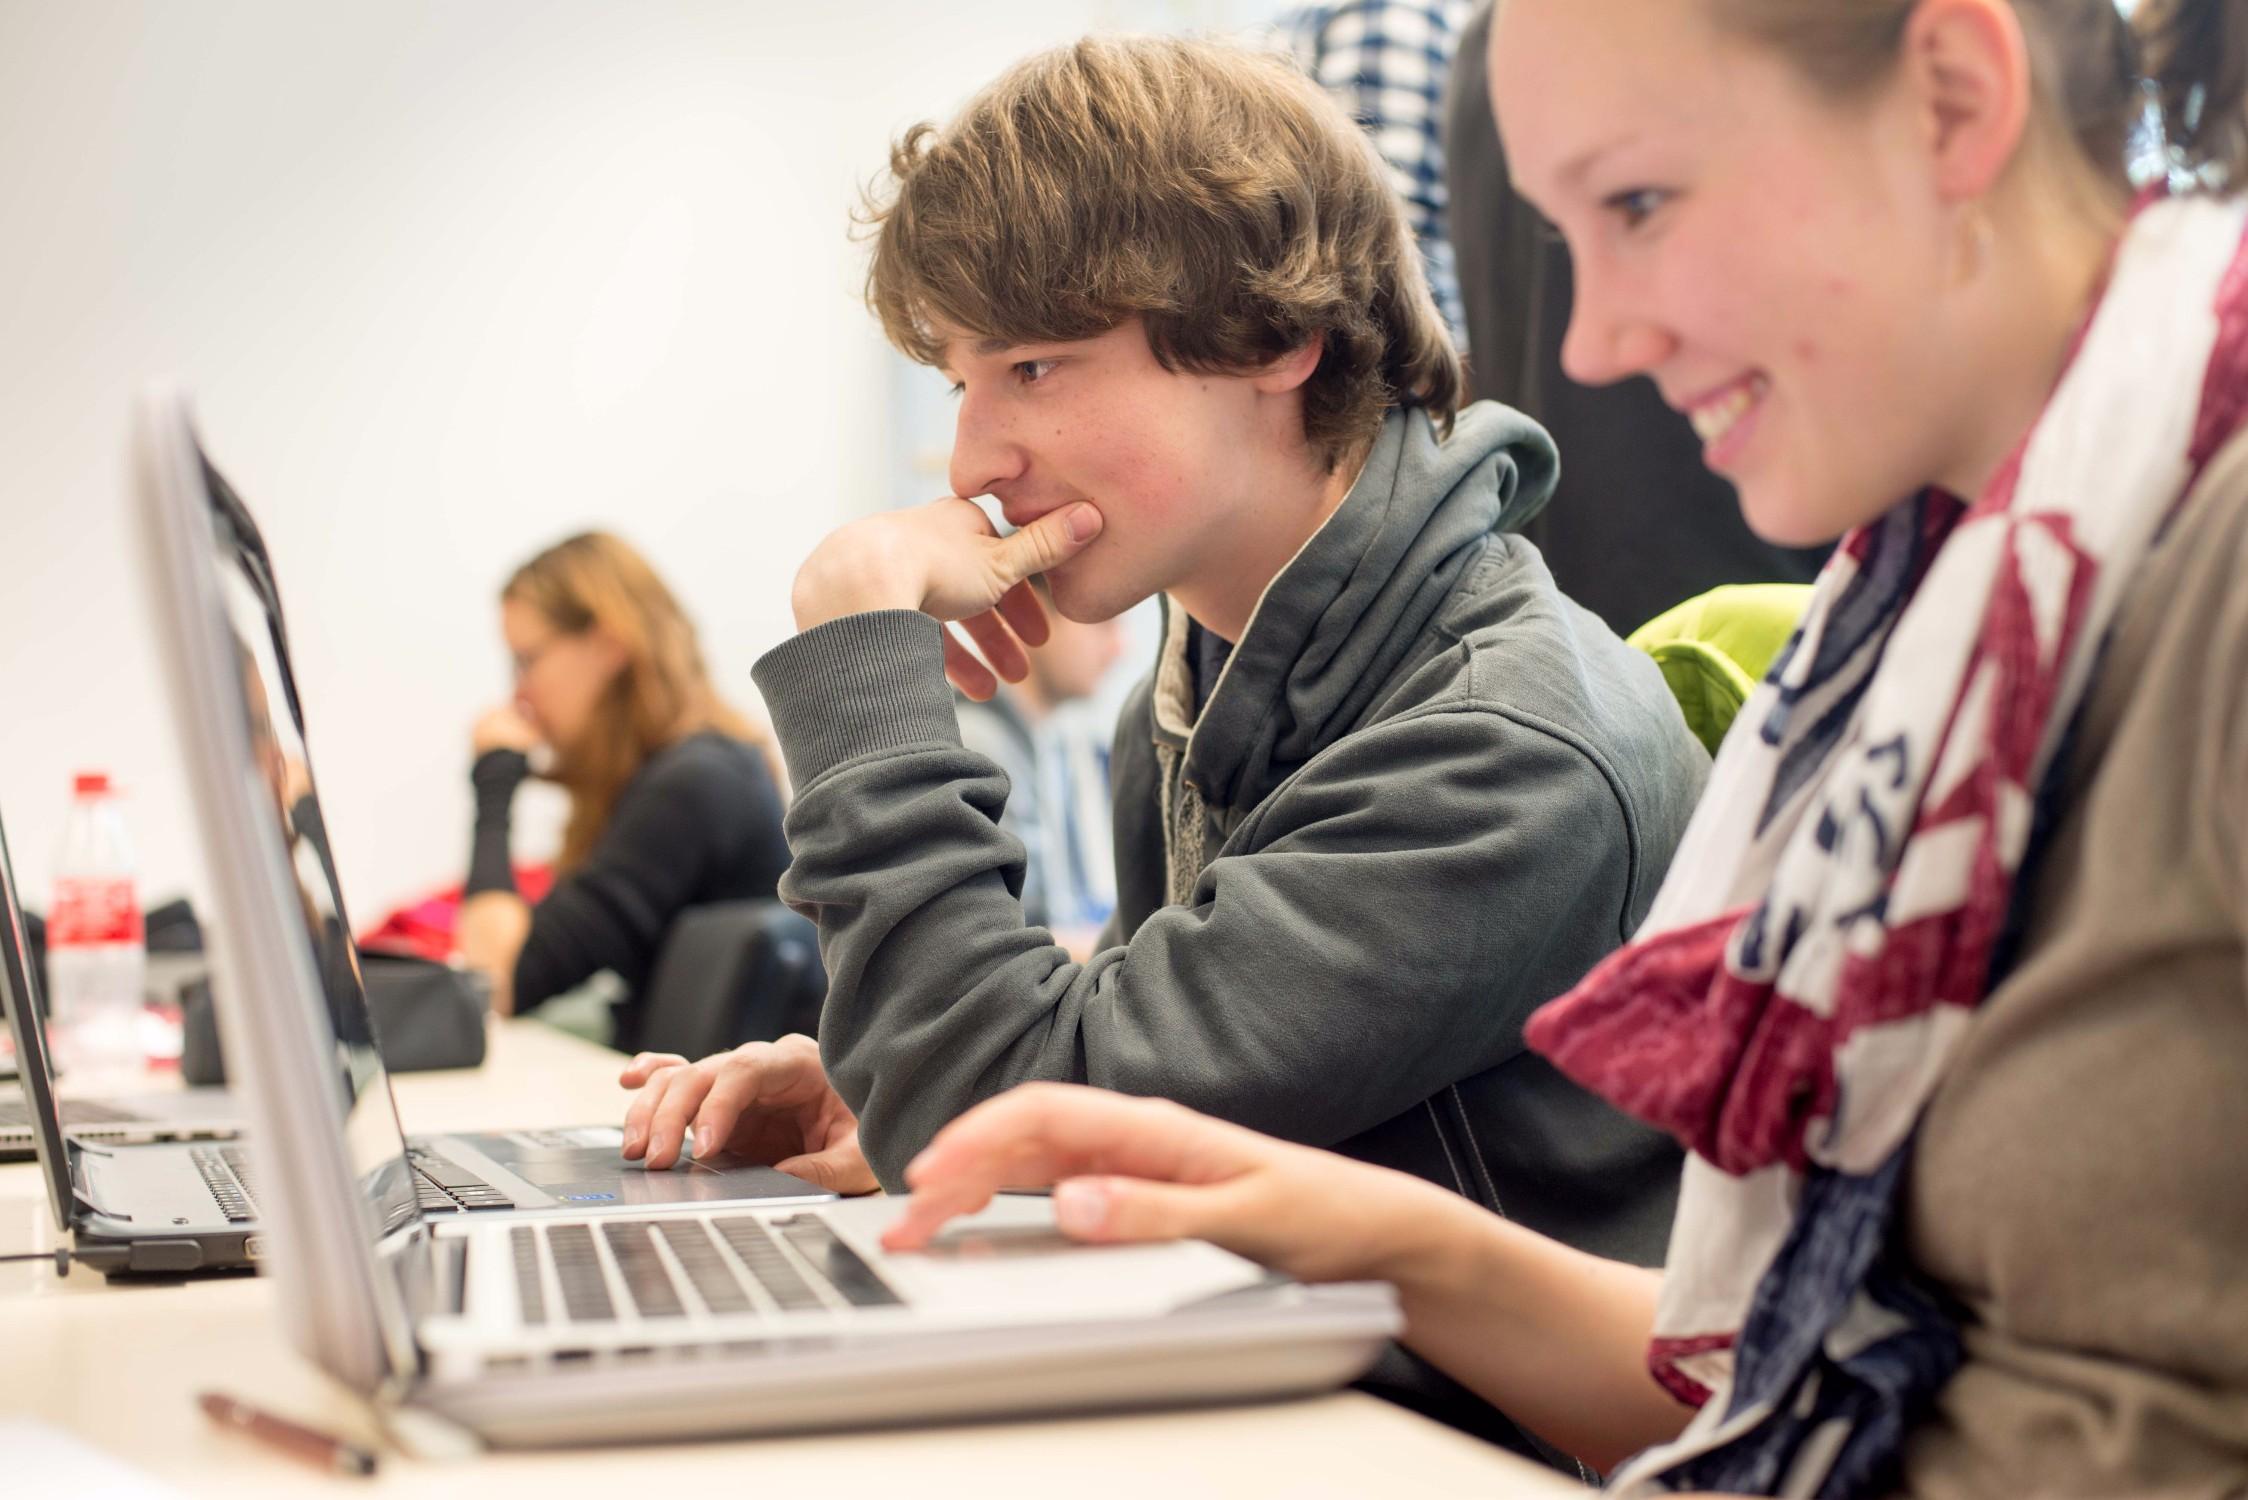 Benni (24) engagiert sich ehrenamtlich in den Fachbereichen Mathematik und Informatik und betreut die Serlo Academy.